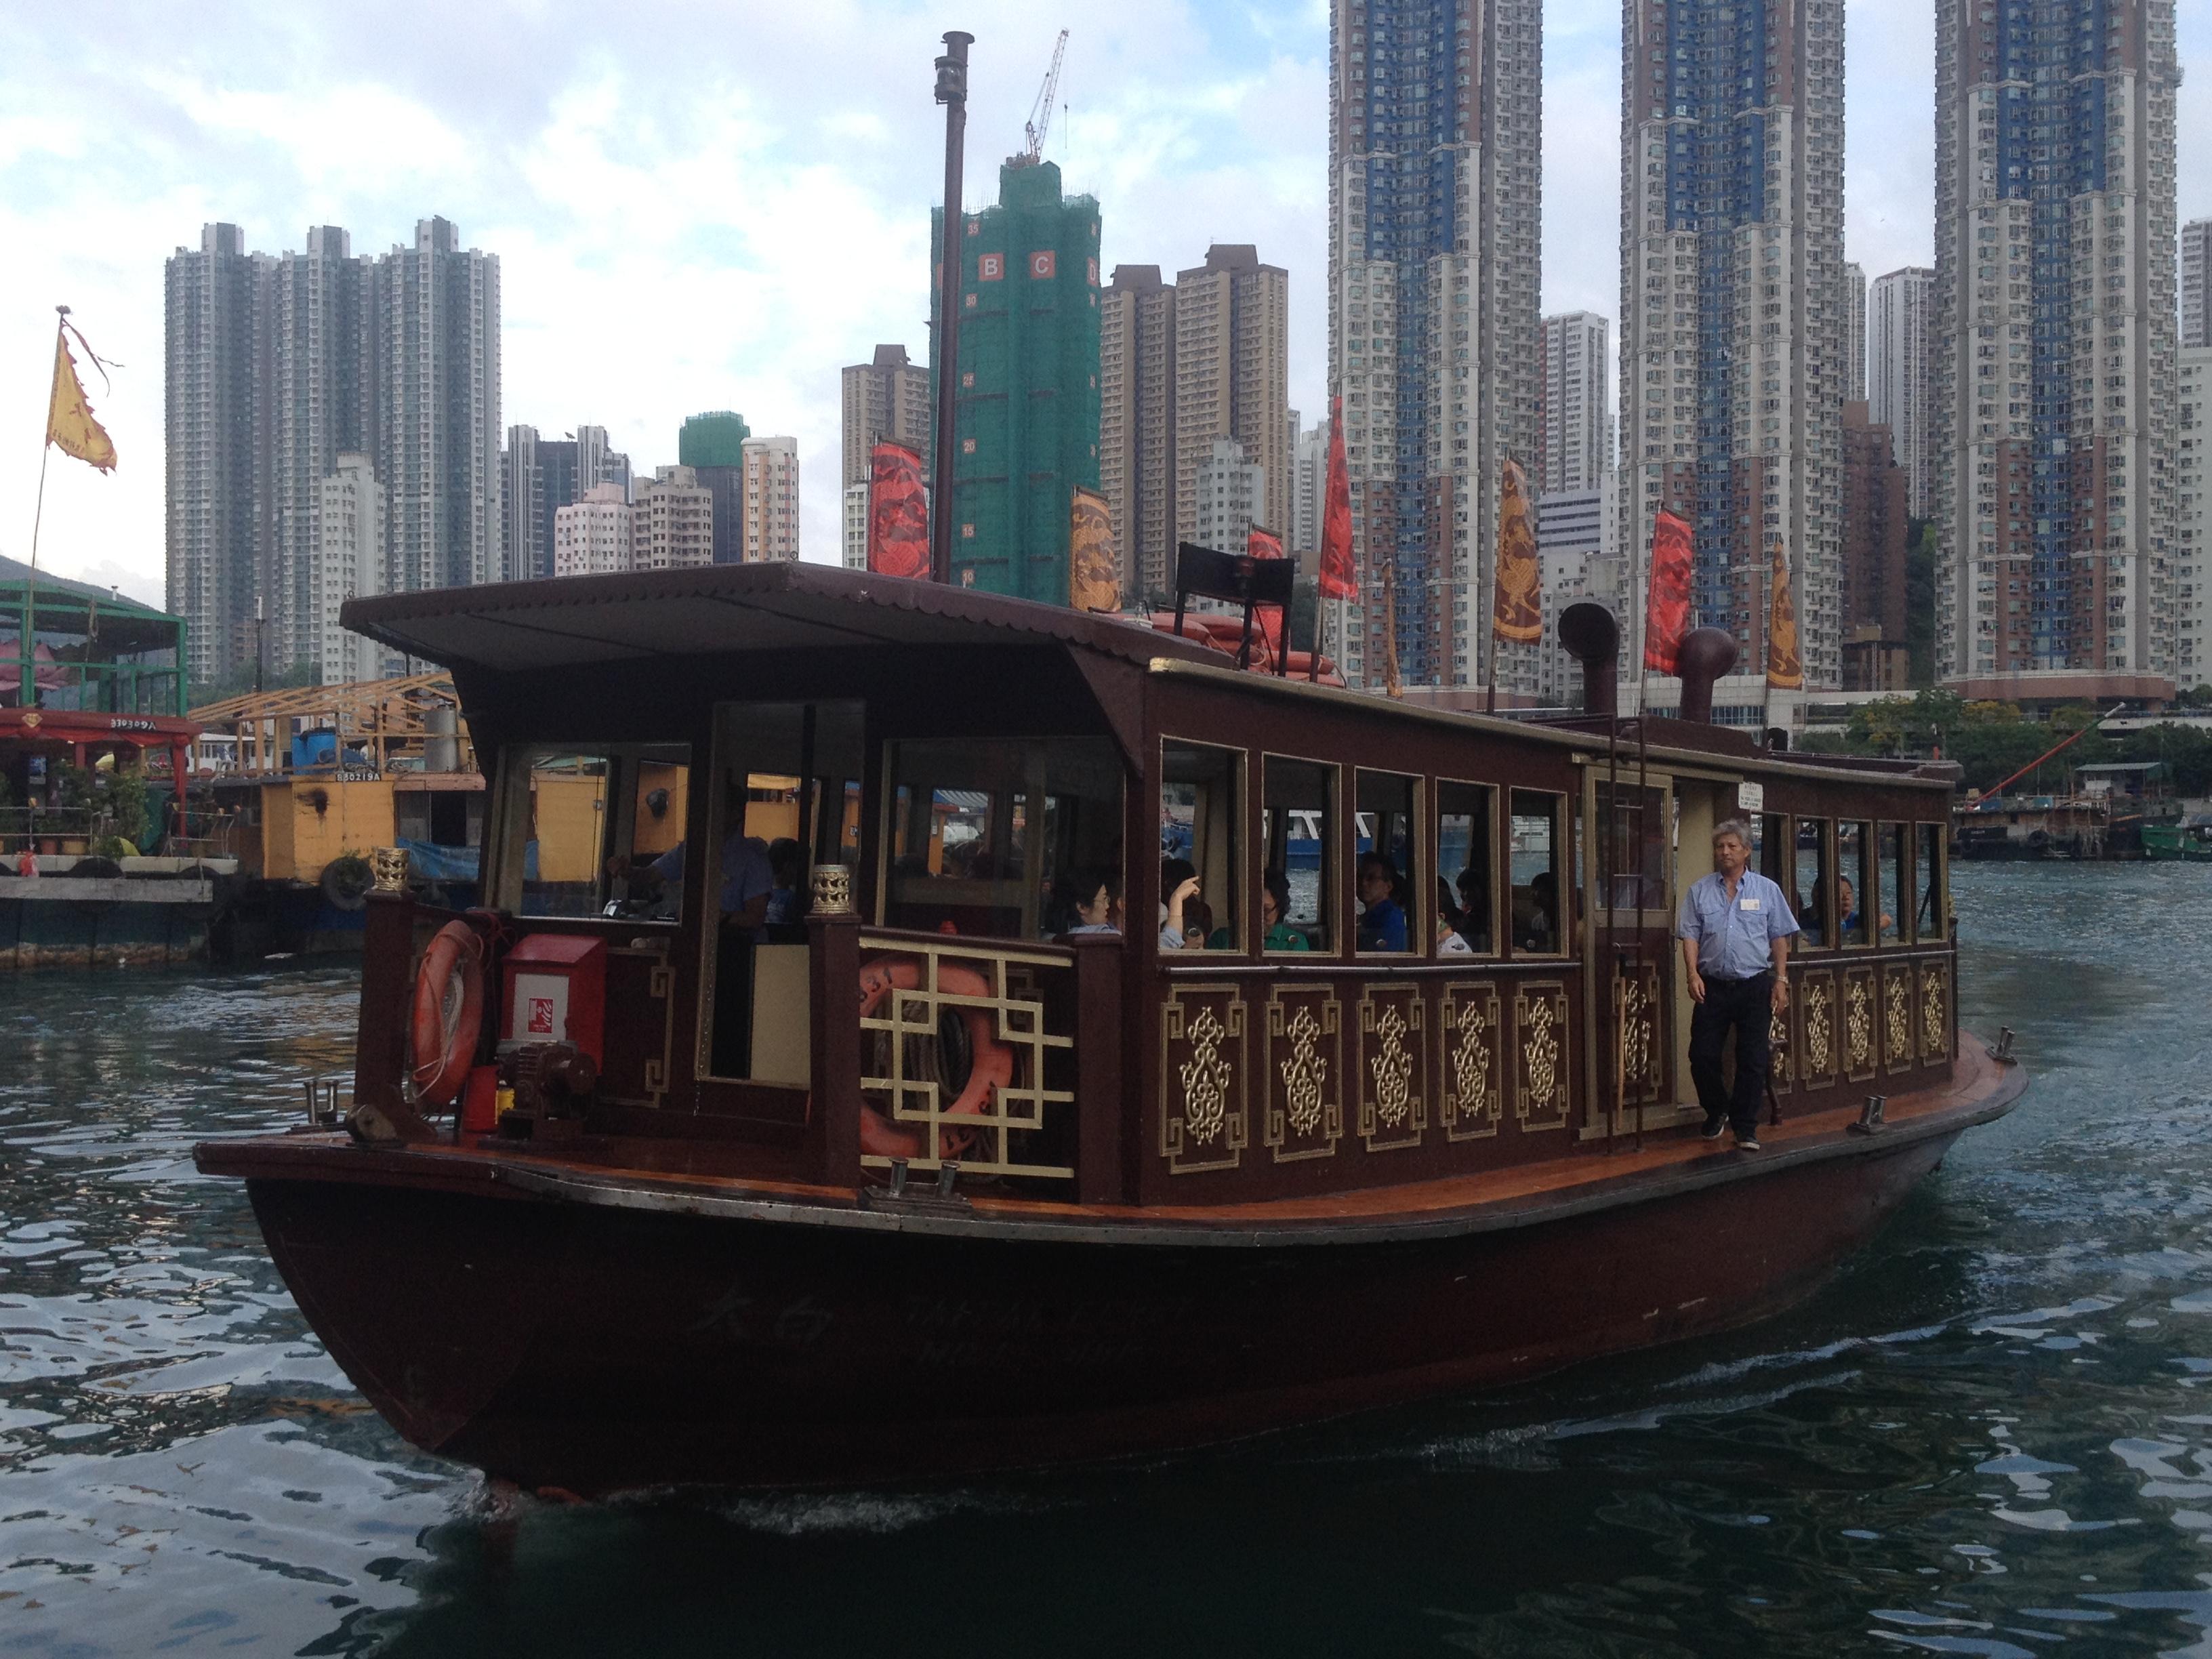 珍寶王國香港仔至珍寶王國航線